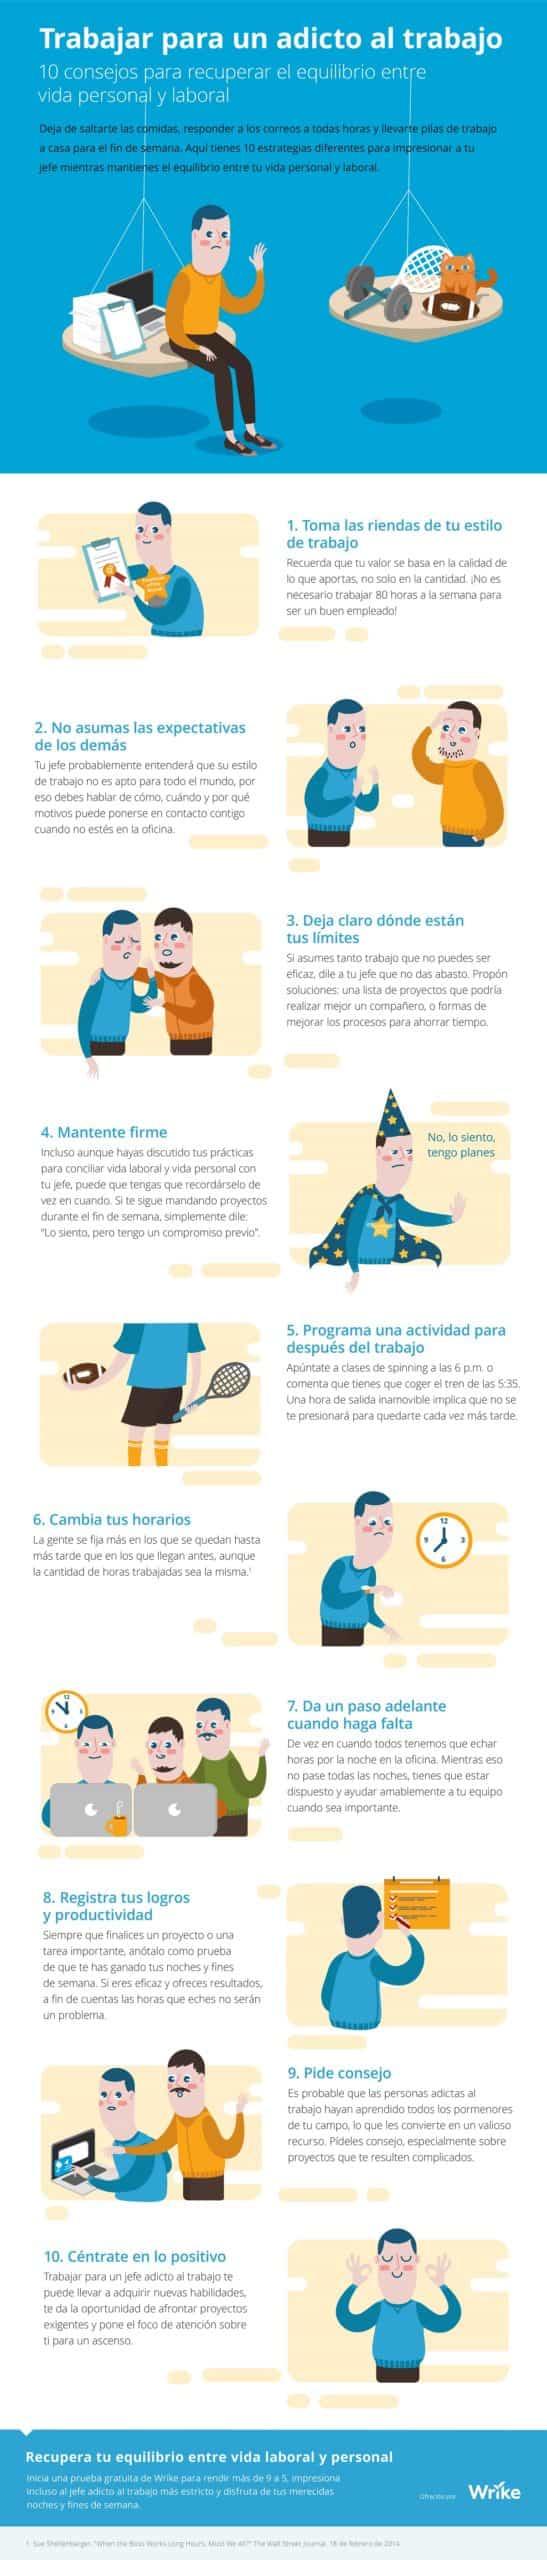 Trabajar para un adicto al trabajo: 10 consejos para recuperar el equilibrio entre tu vida laboral y personal